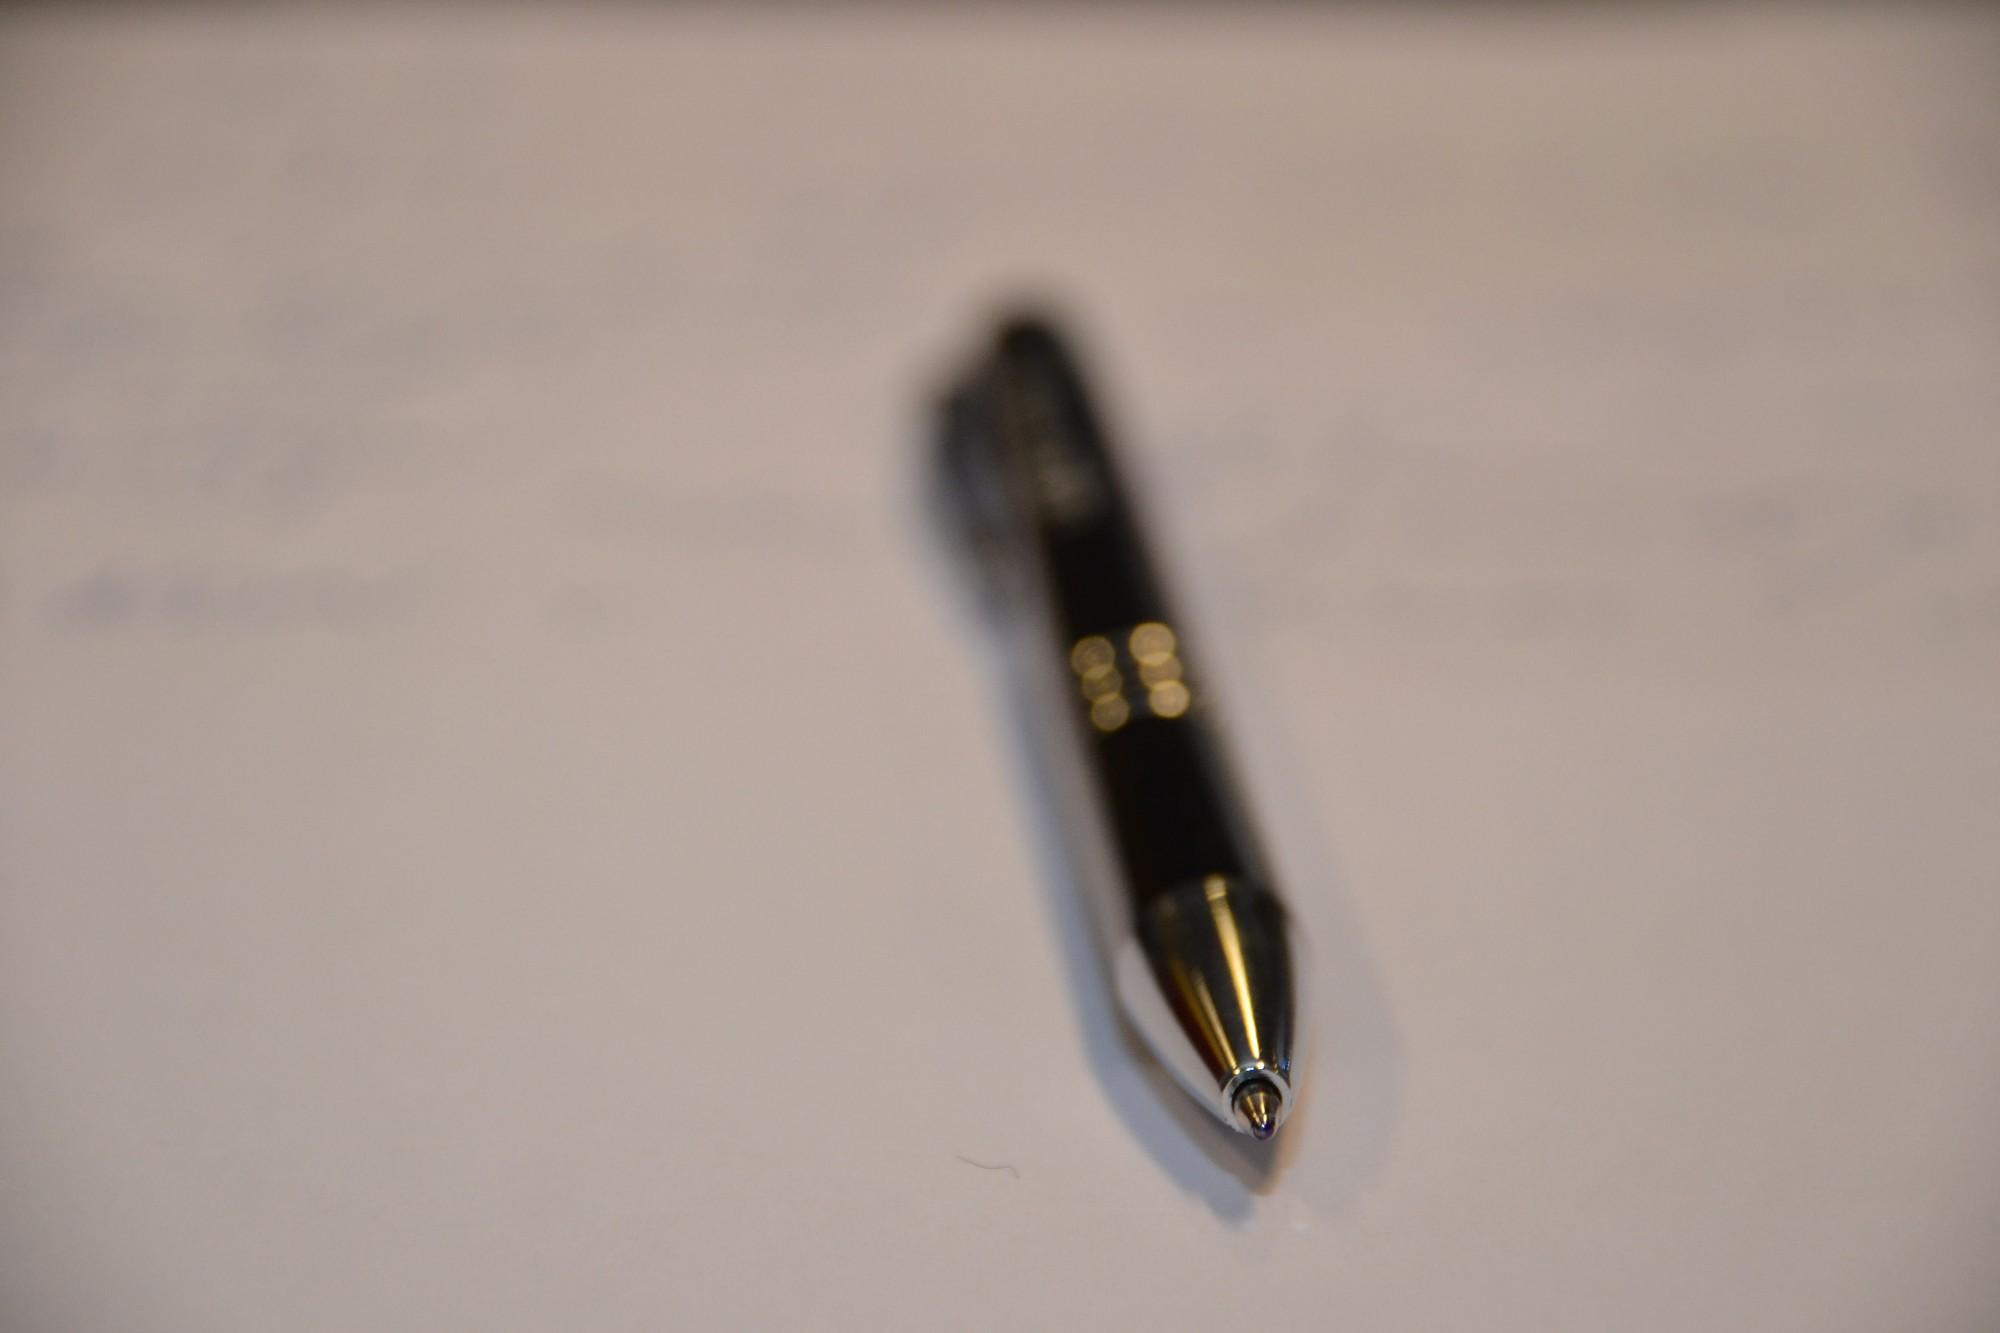 Jolantu Plūmi uz vēl vienu termiņu ieceļ Liepājas SEZ valdē